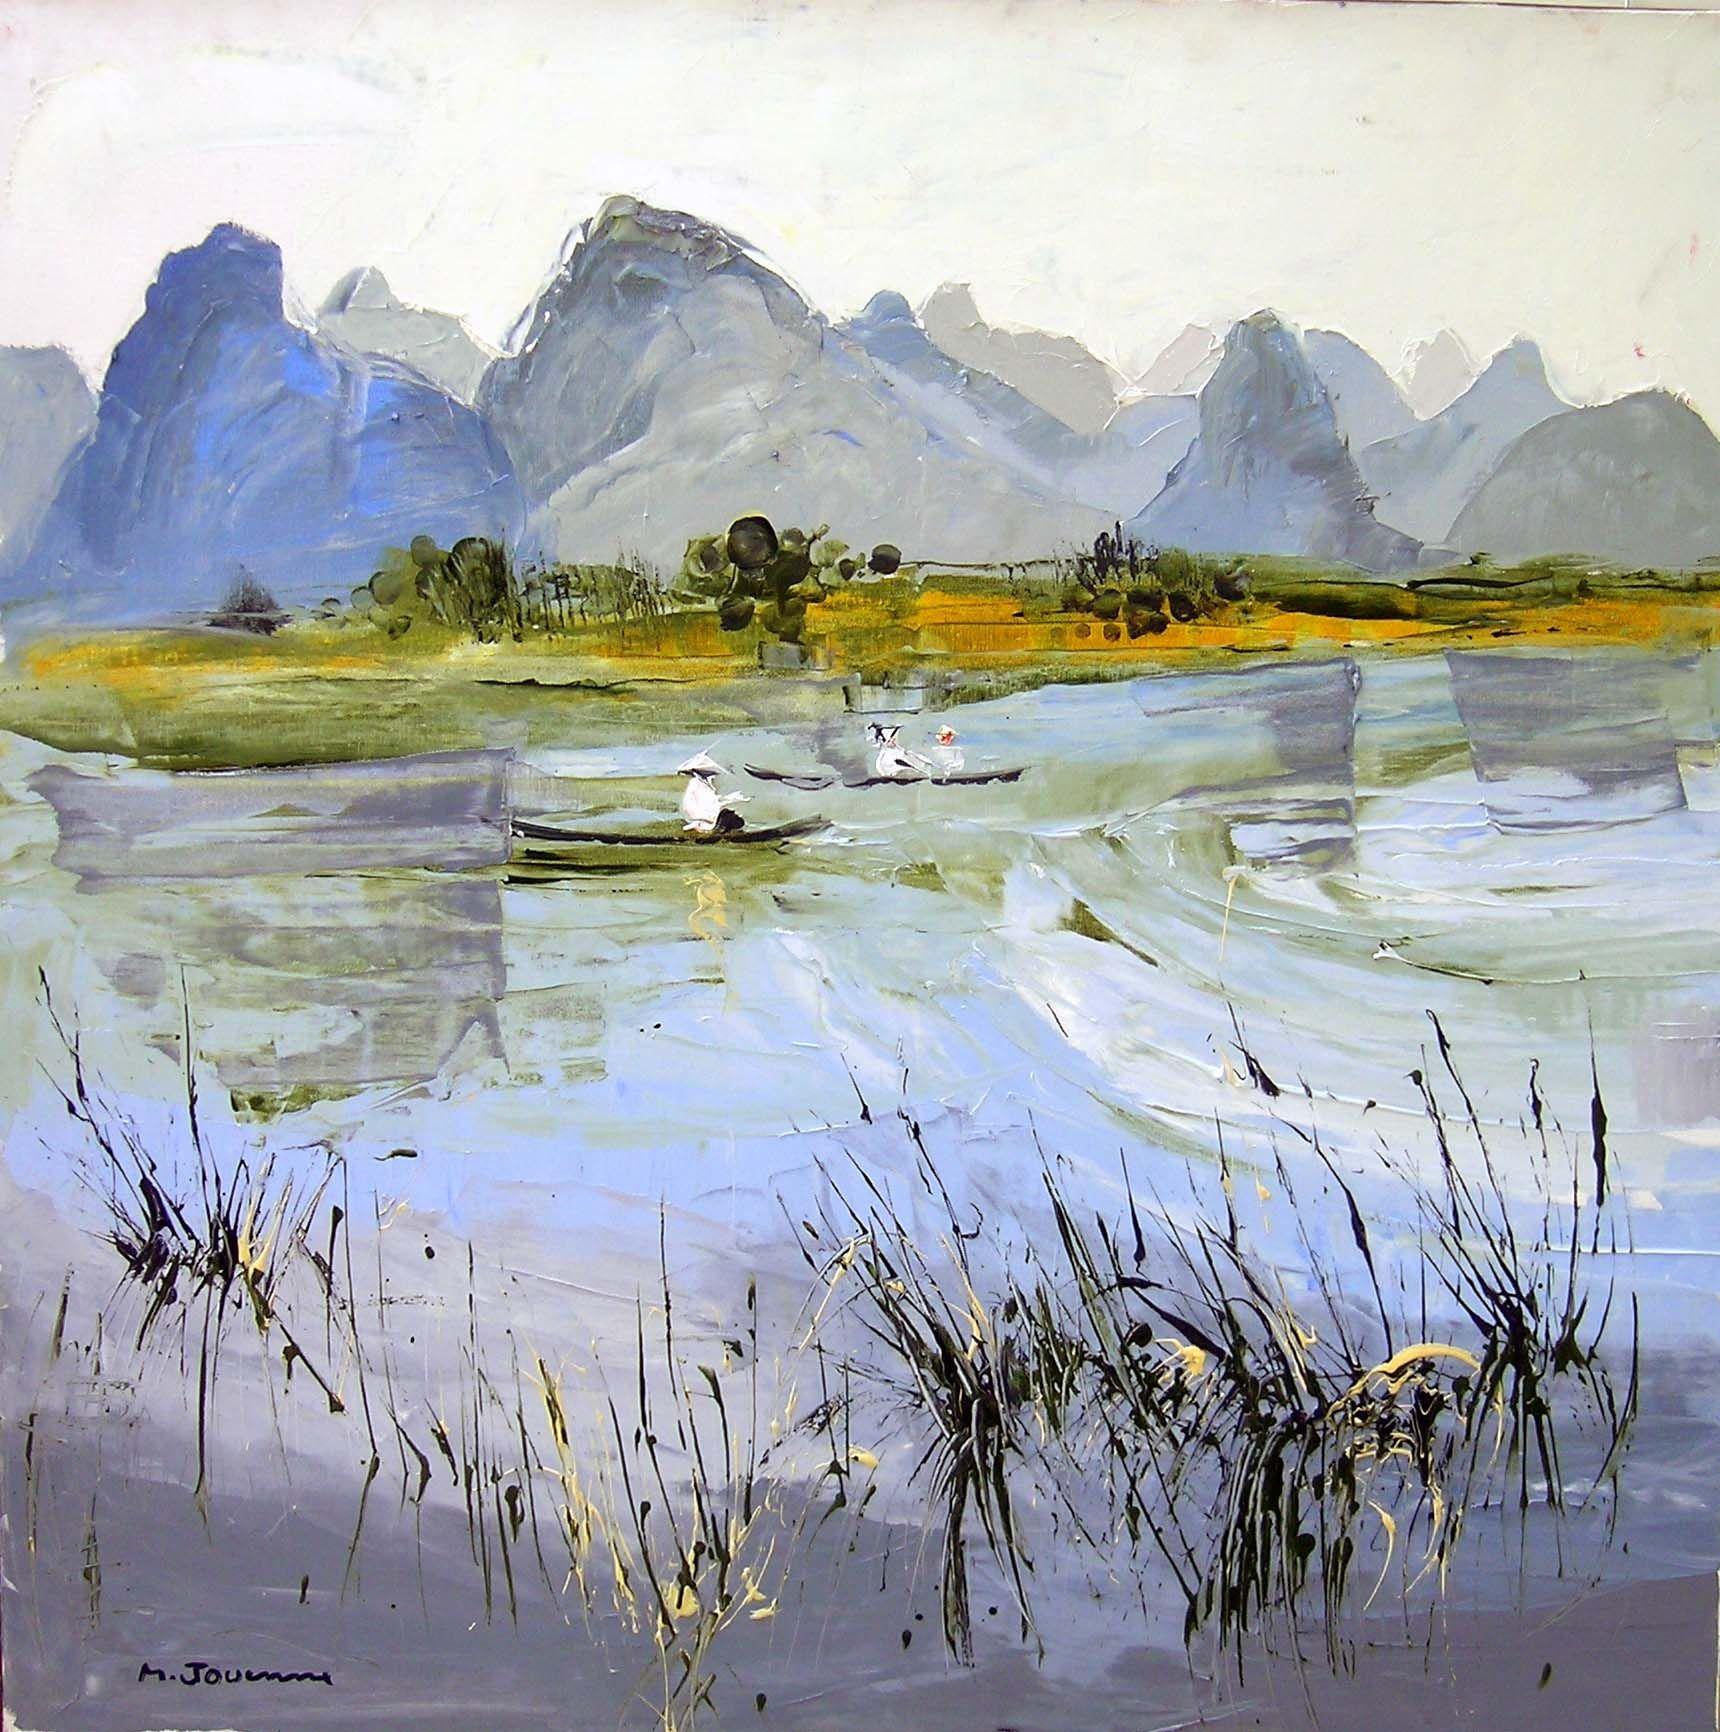 Michel jouenne artiste peintre est sur kelexpo http www for Biographie artiste peintre